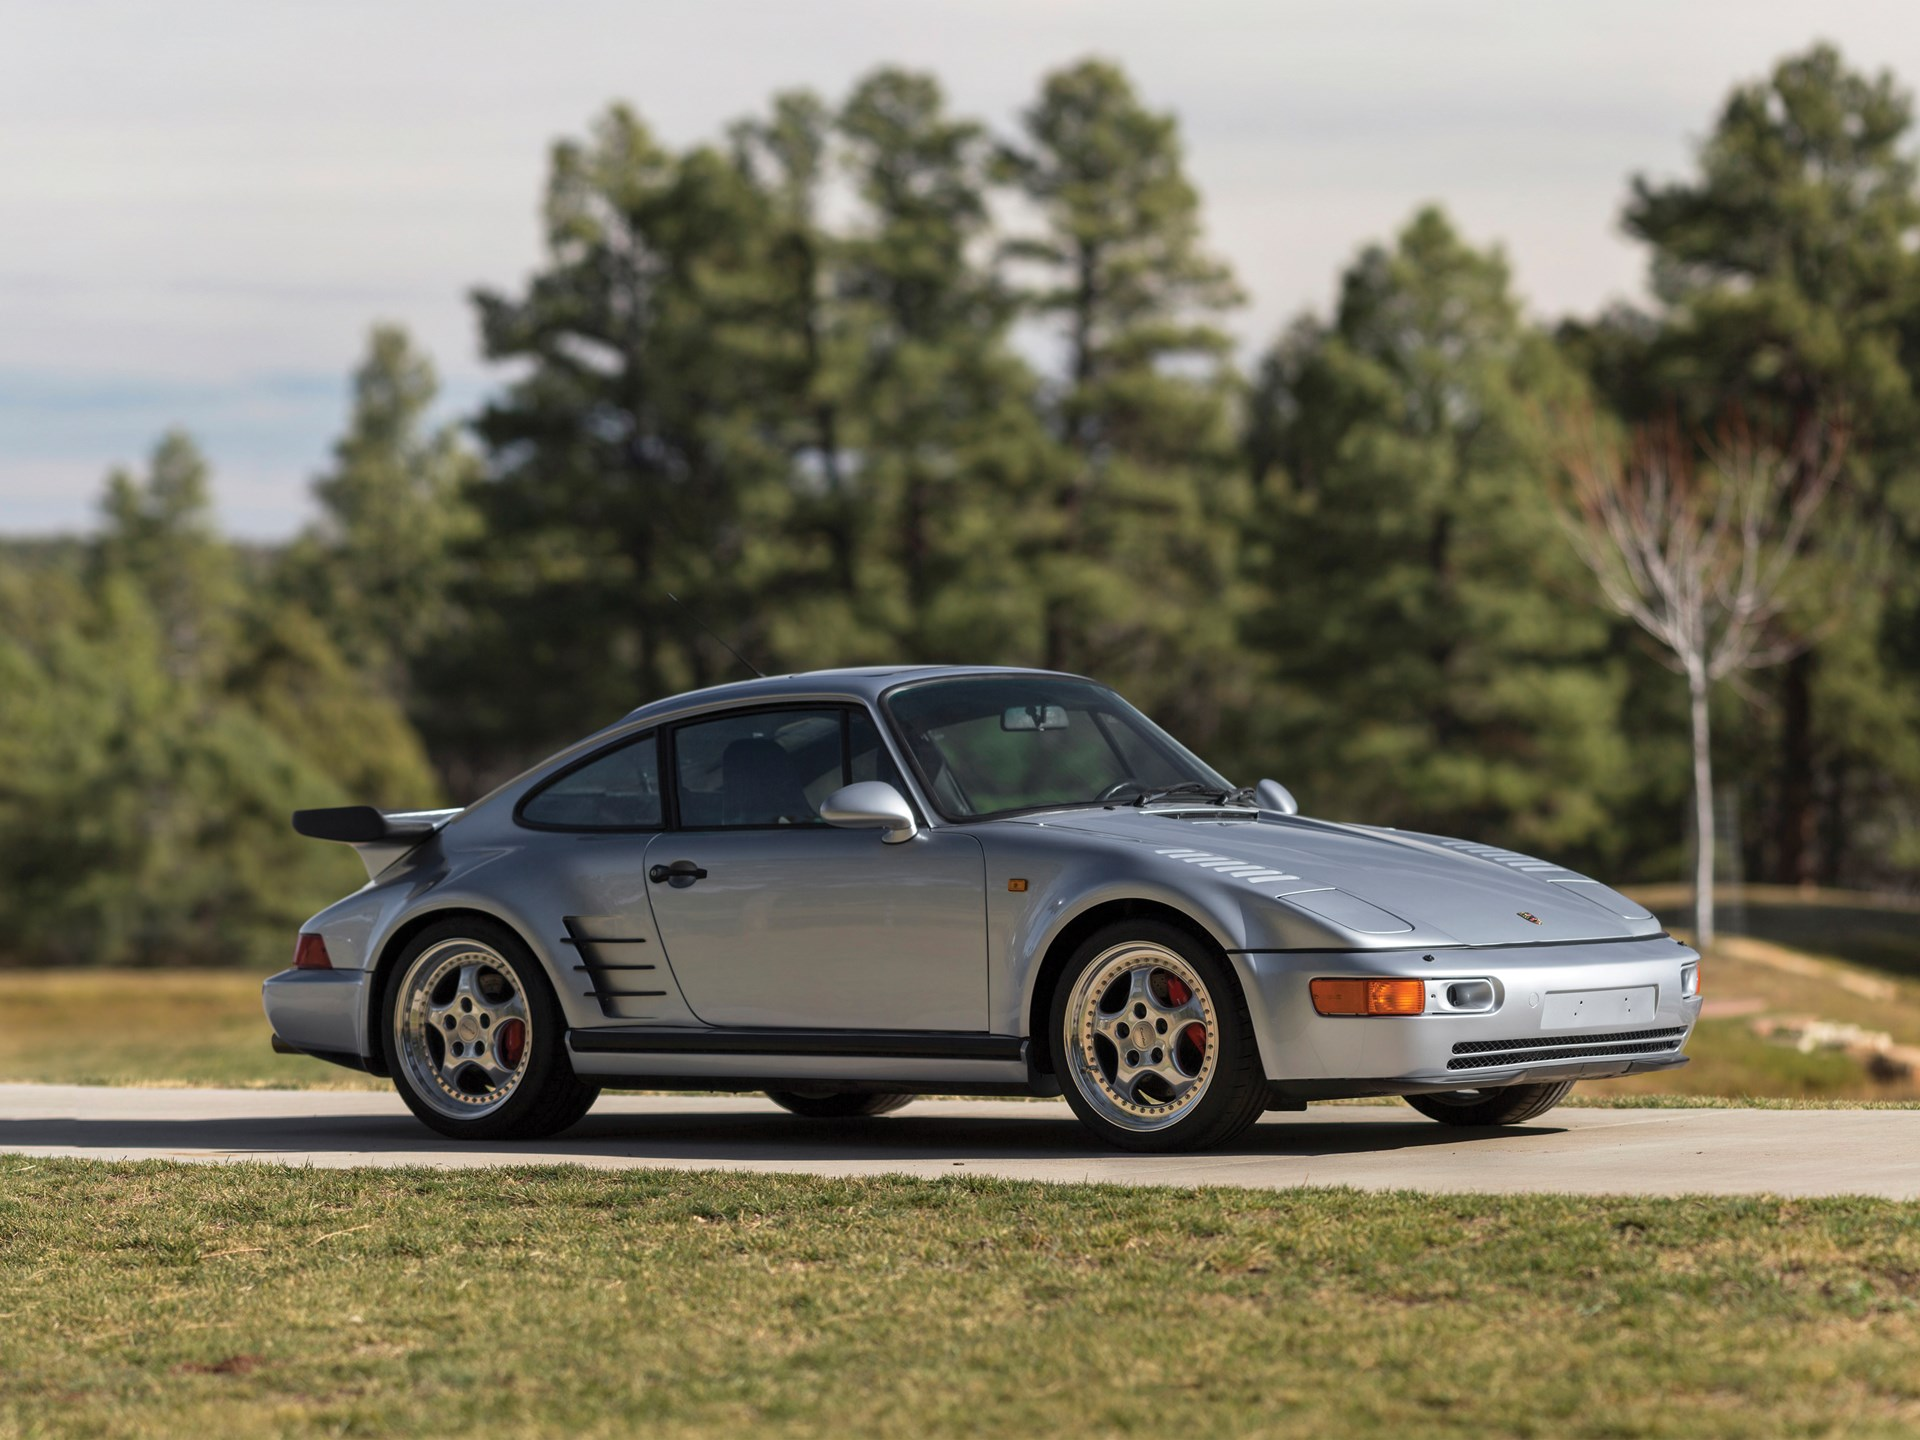 RM Sotheby's - 1994 Porsche 911 Turbo S X83 'Flachbau' | Amelia